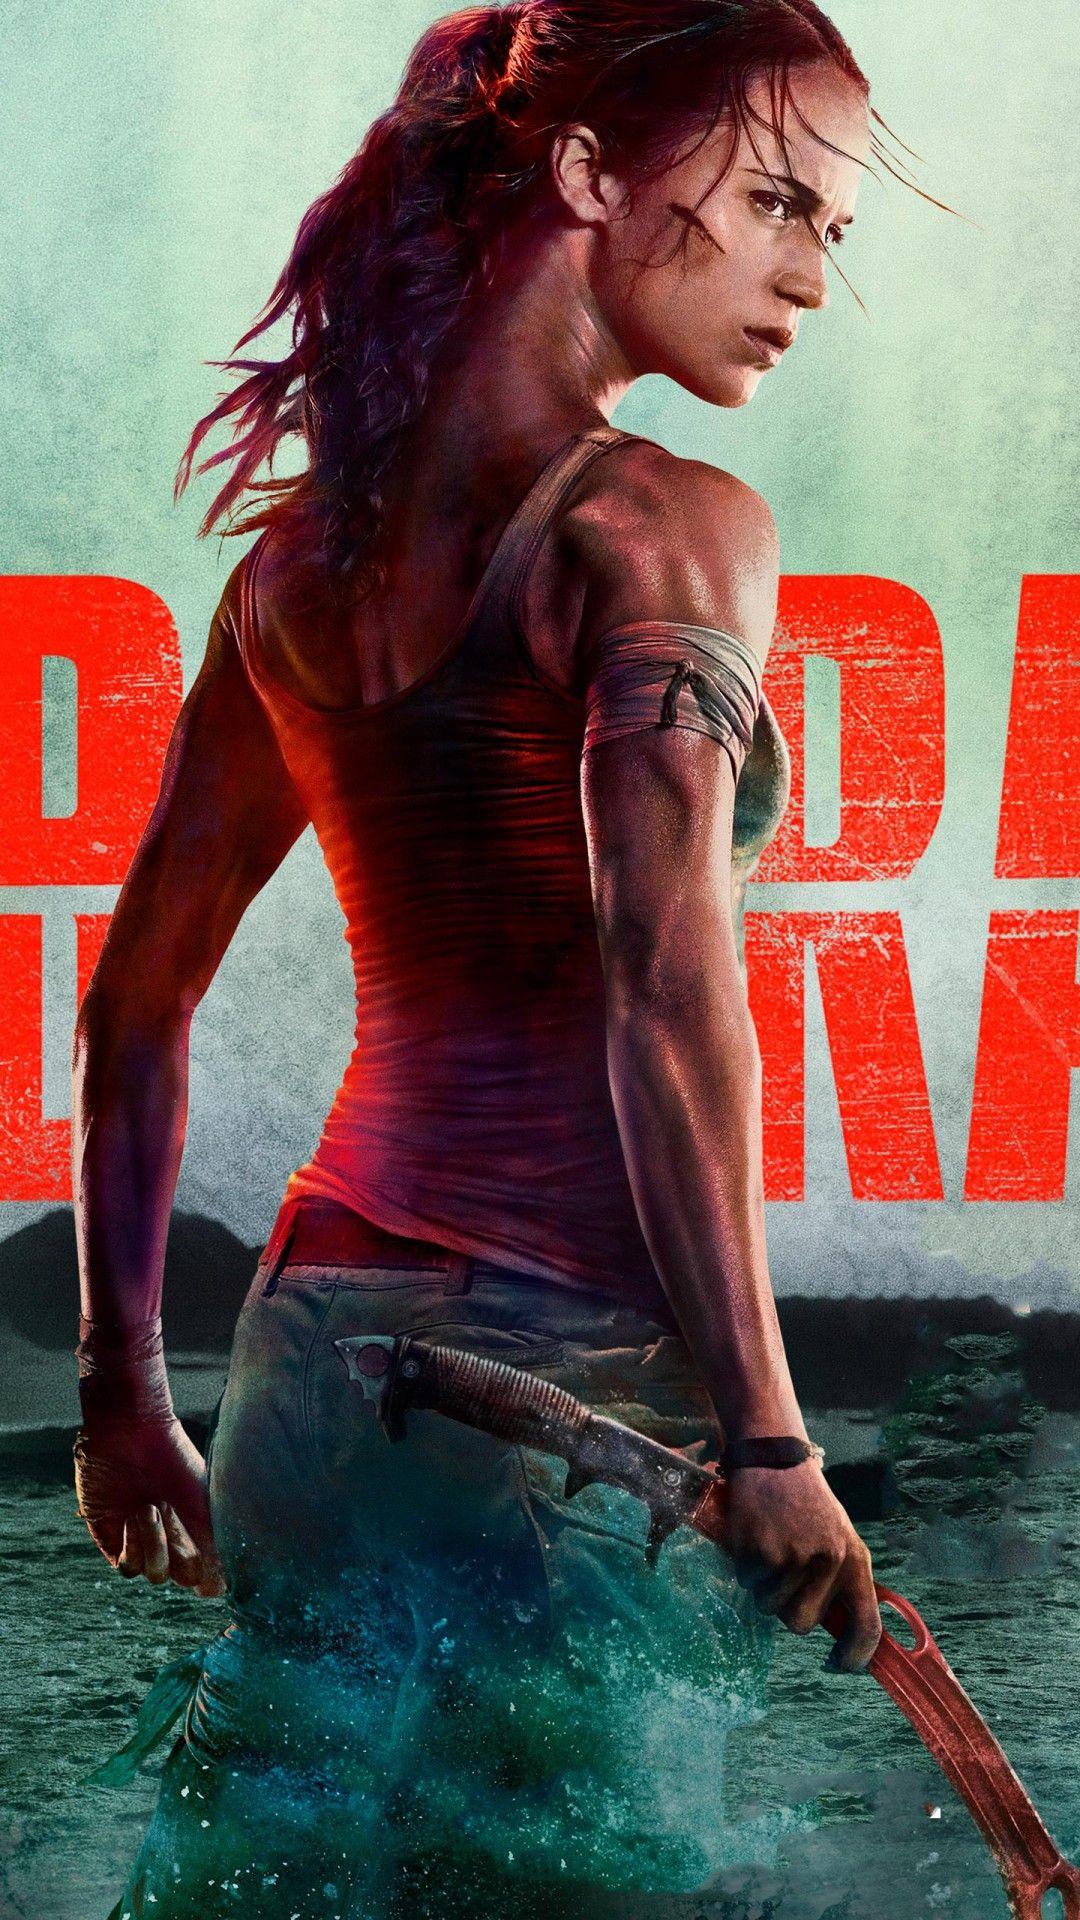 Watch Tomb Raider 2018 Movie Online Download Tomb Raider